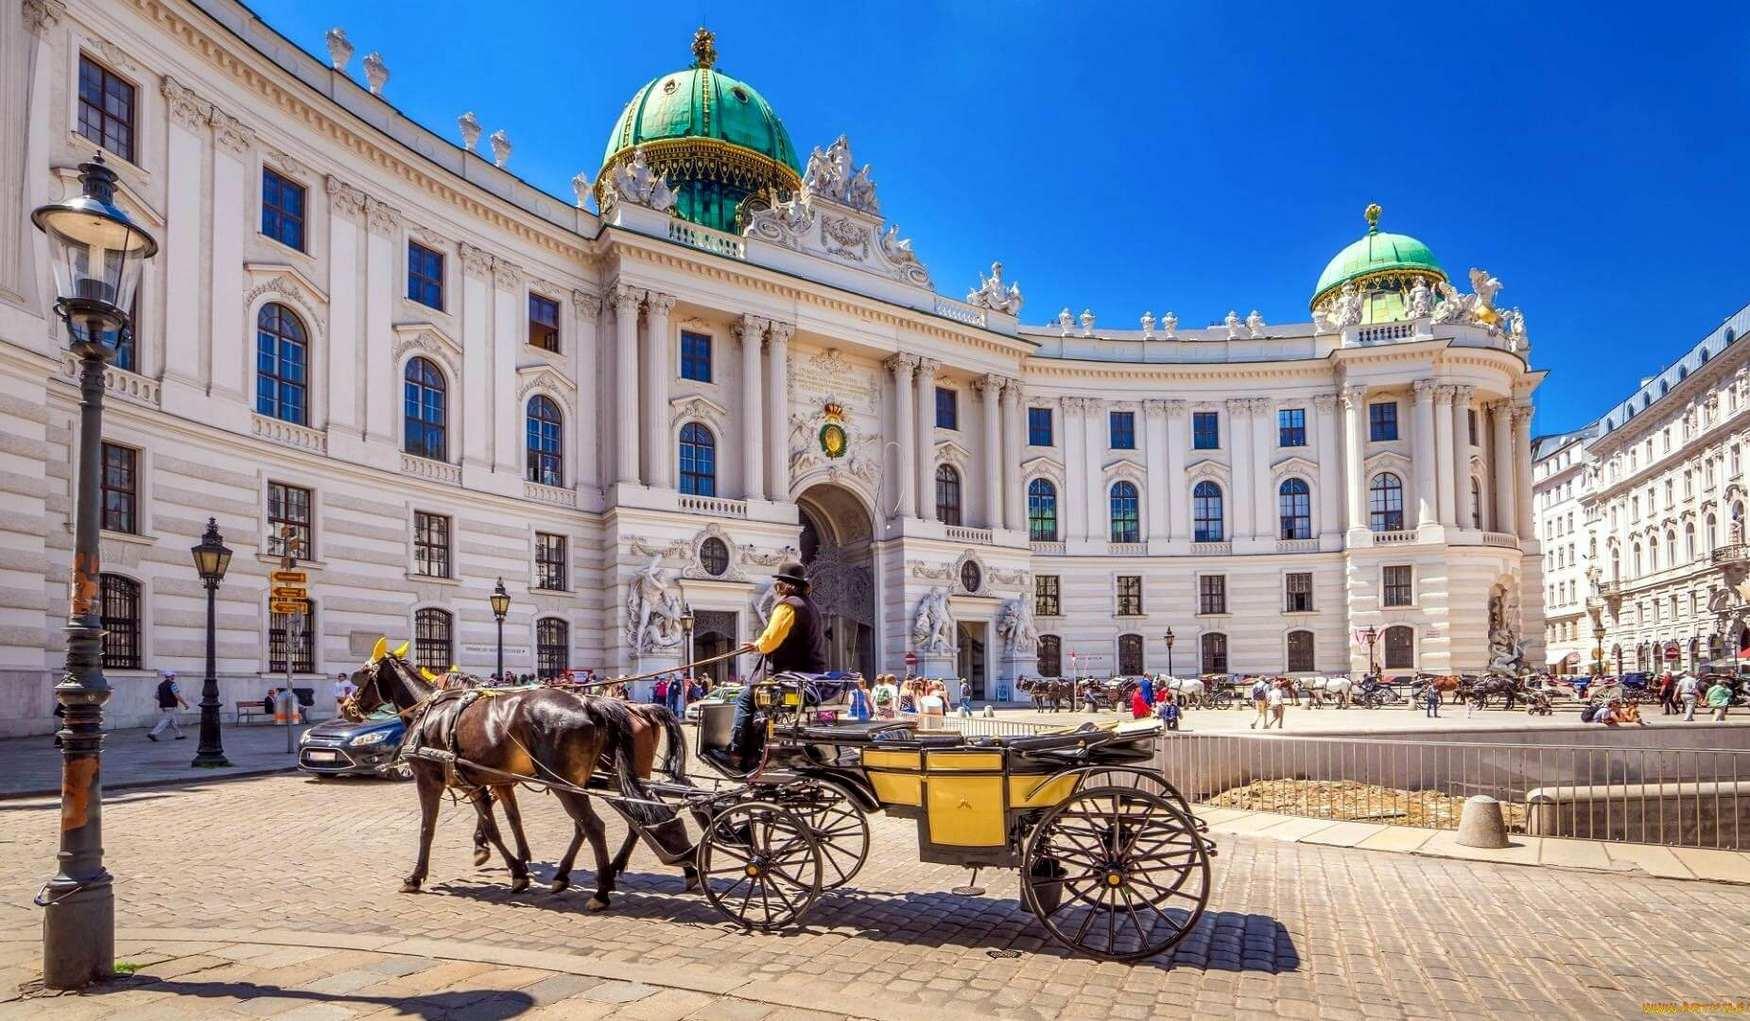 Дворец Хофбург в Вене - собрание разных архитектурных ансамблей